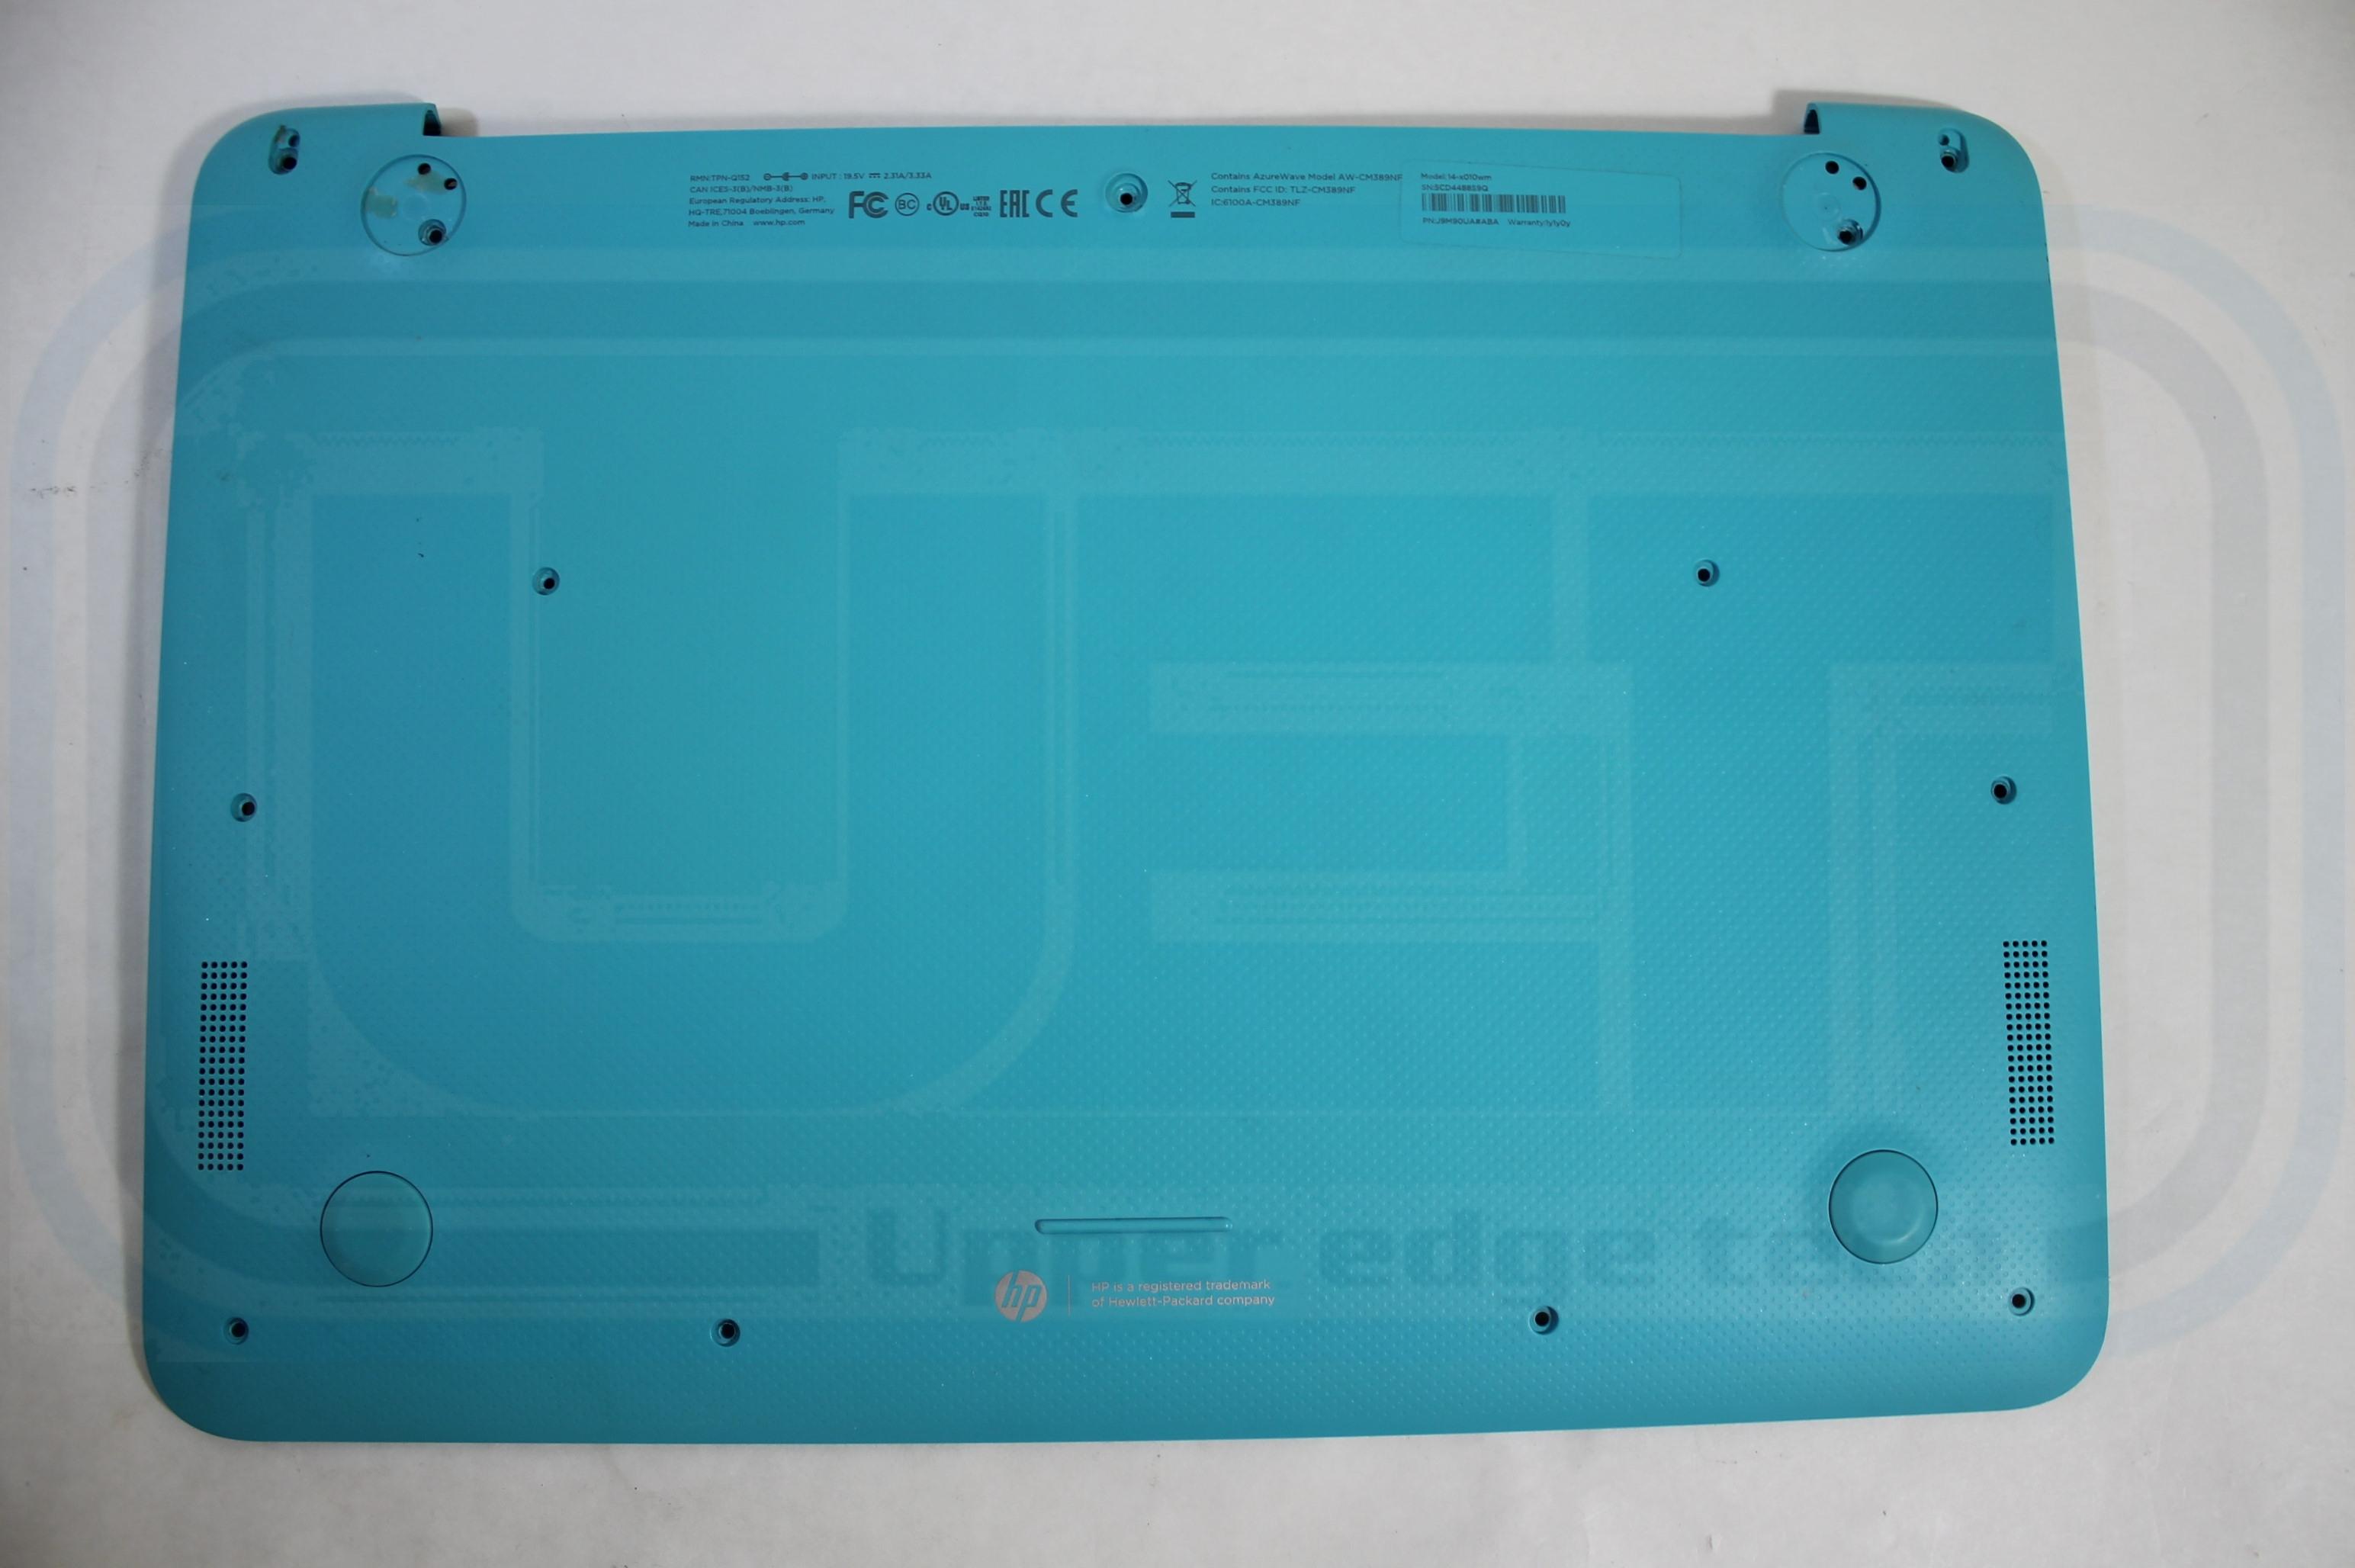 HP Laptop Base 787697-001 Blue Chromebook 14-X010WM Grade B